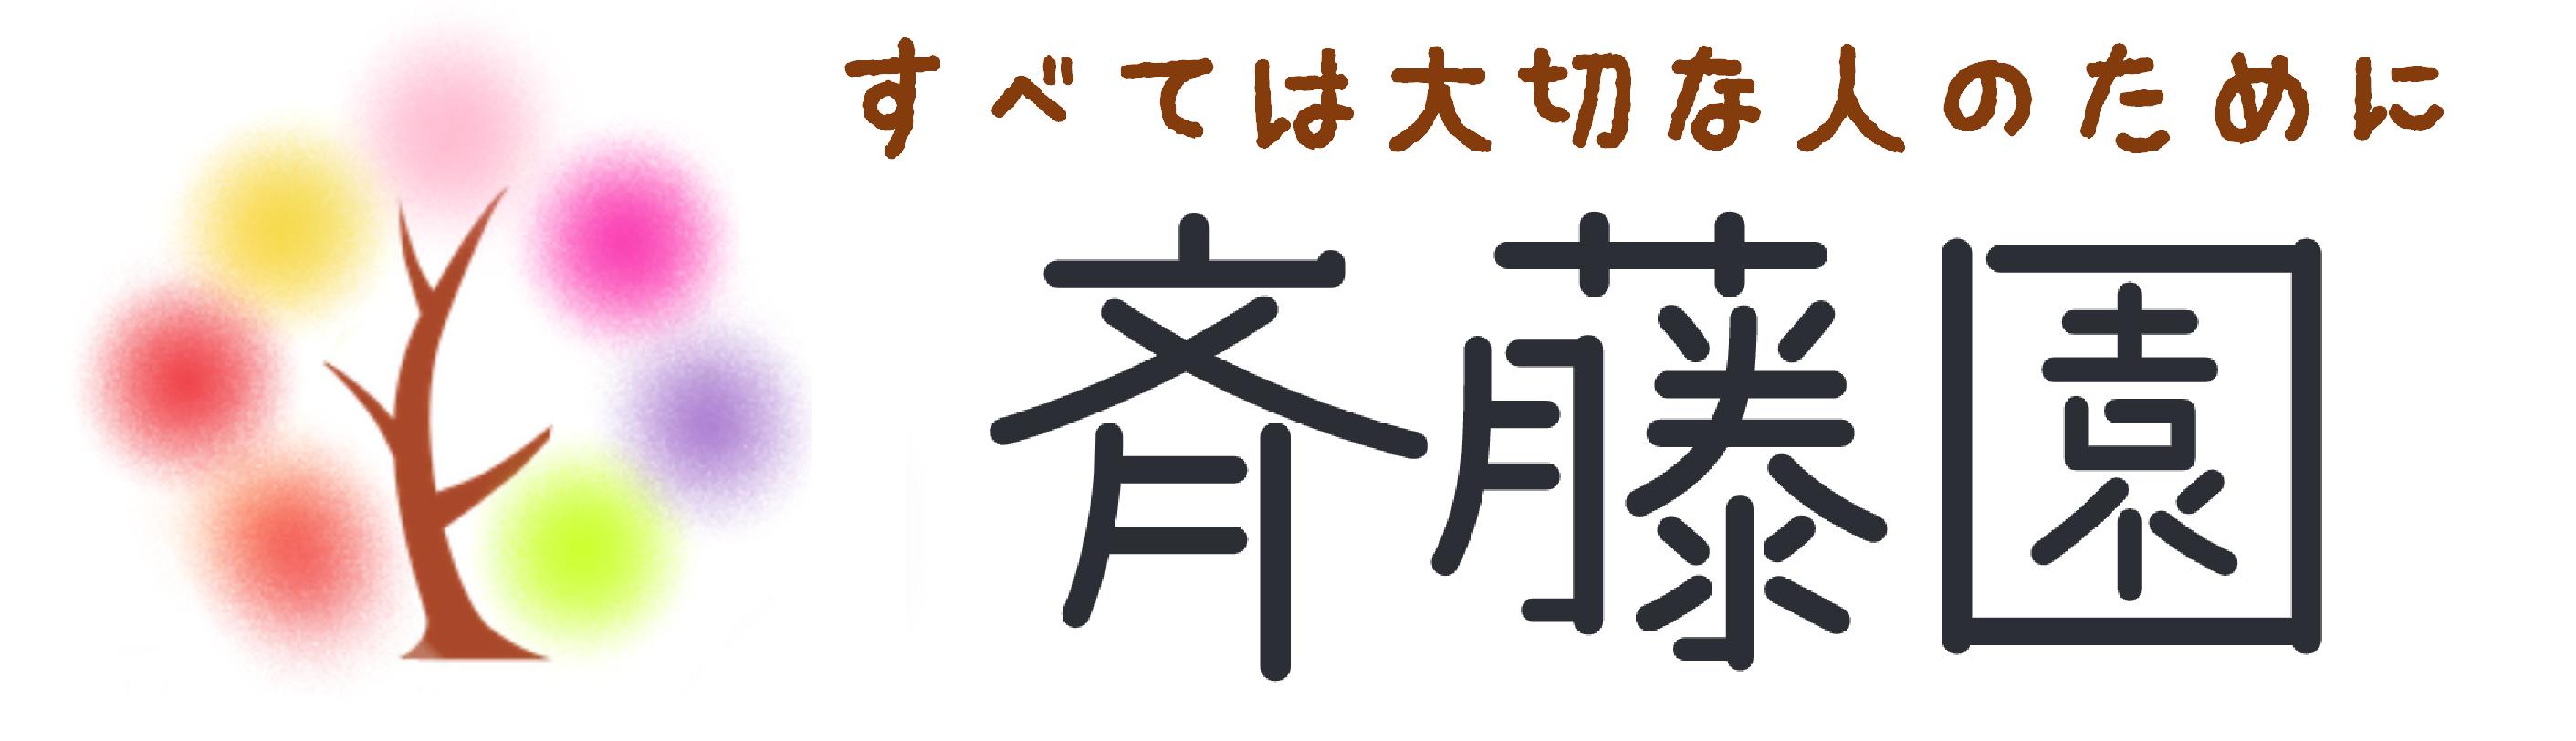 【公式】さくらんぼの斉藤園